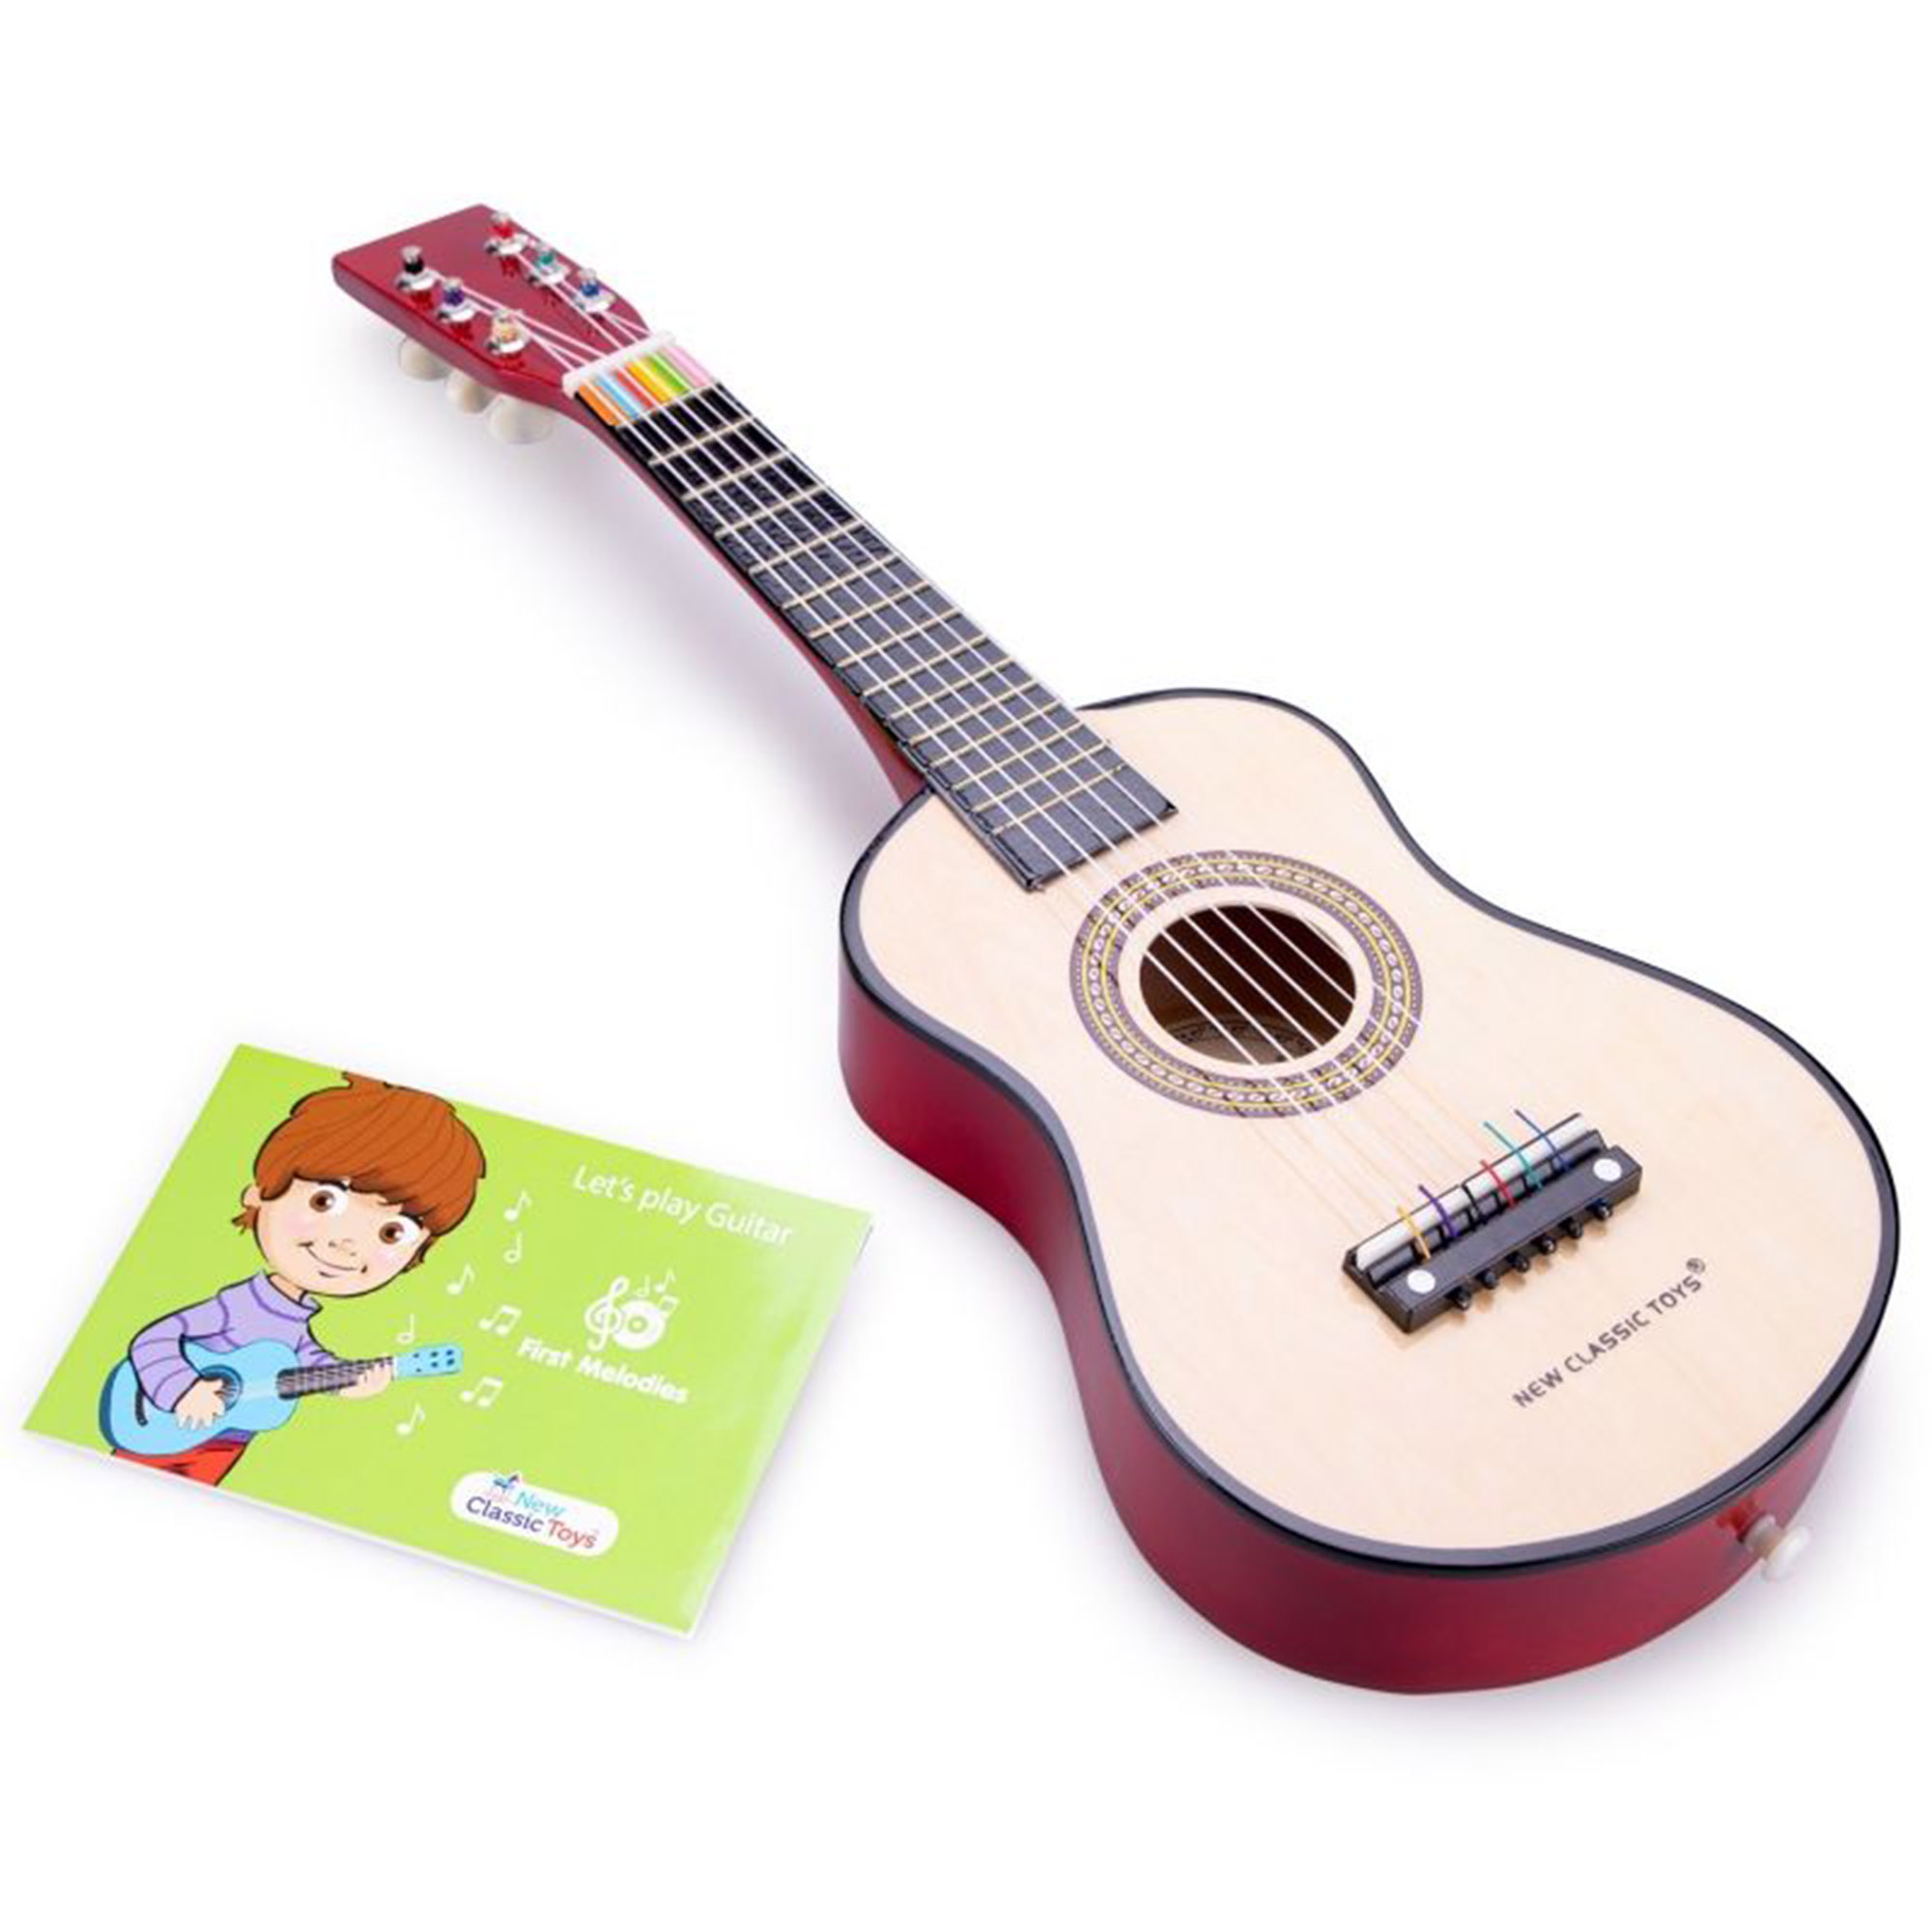 Гитара детская New Classic Toys коричневая 60 см фото